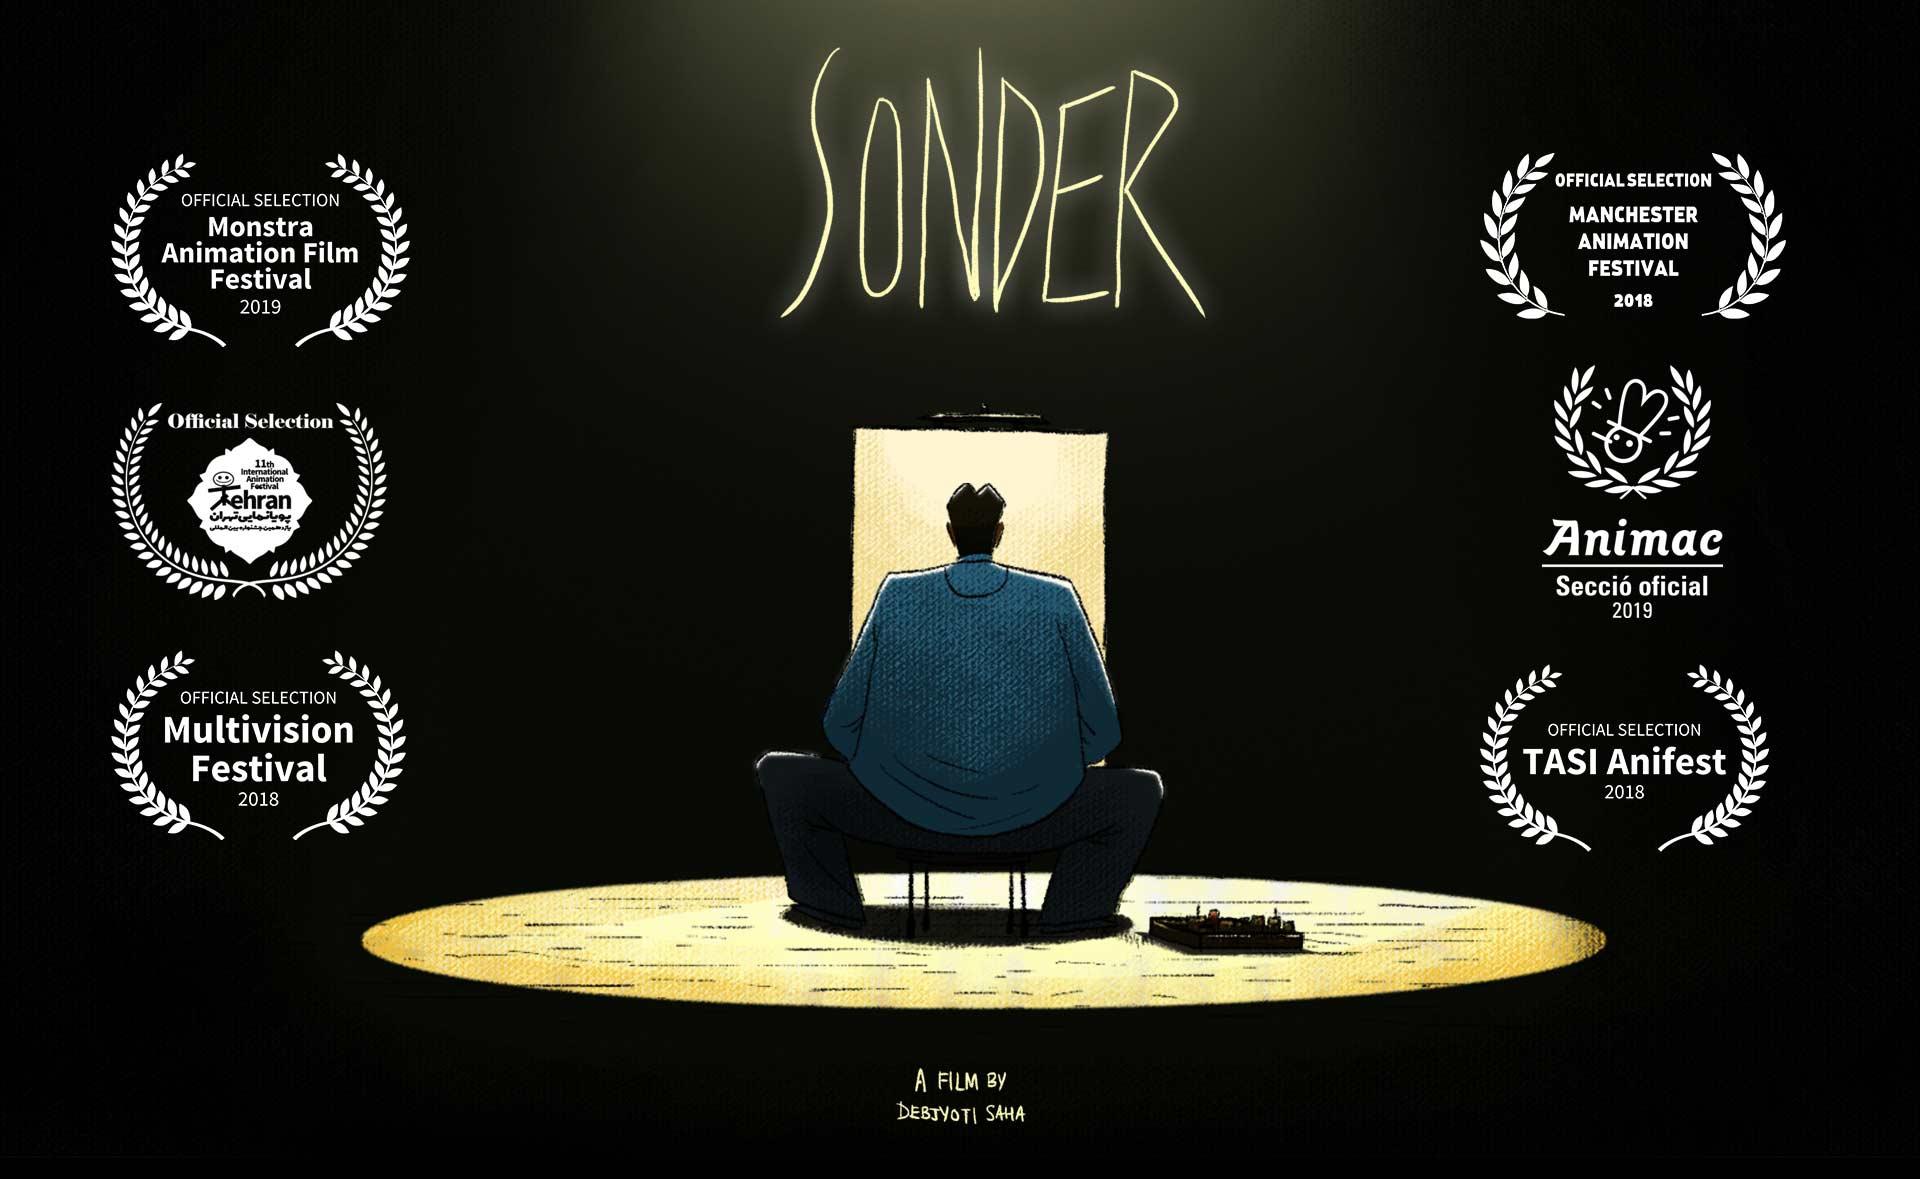 sonder awards